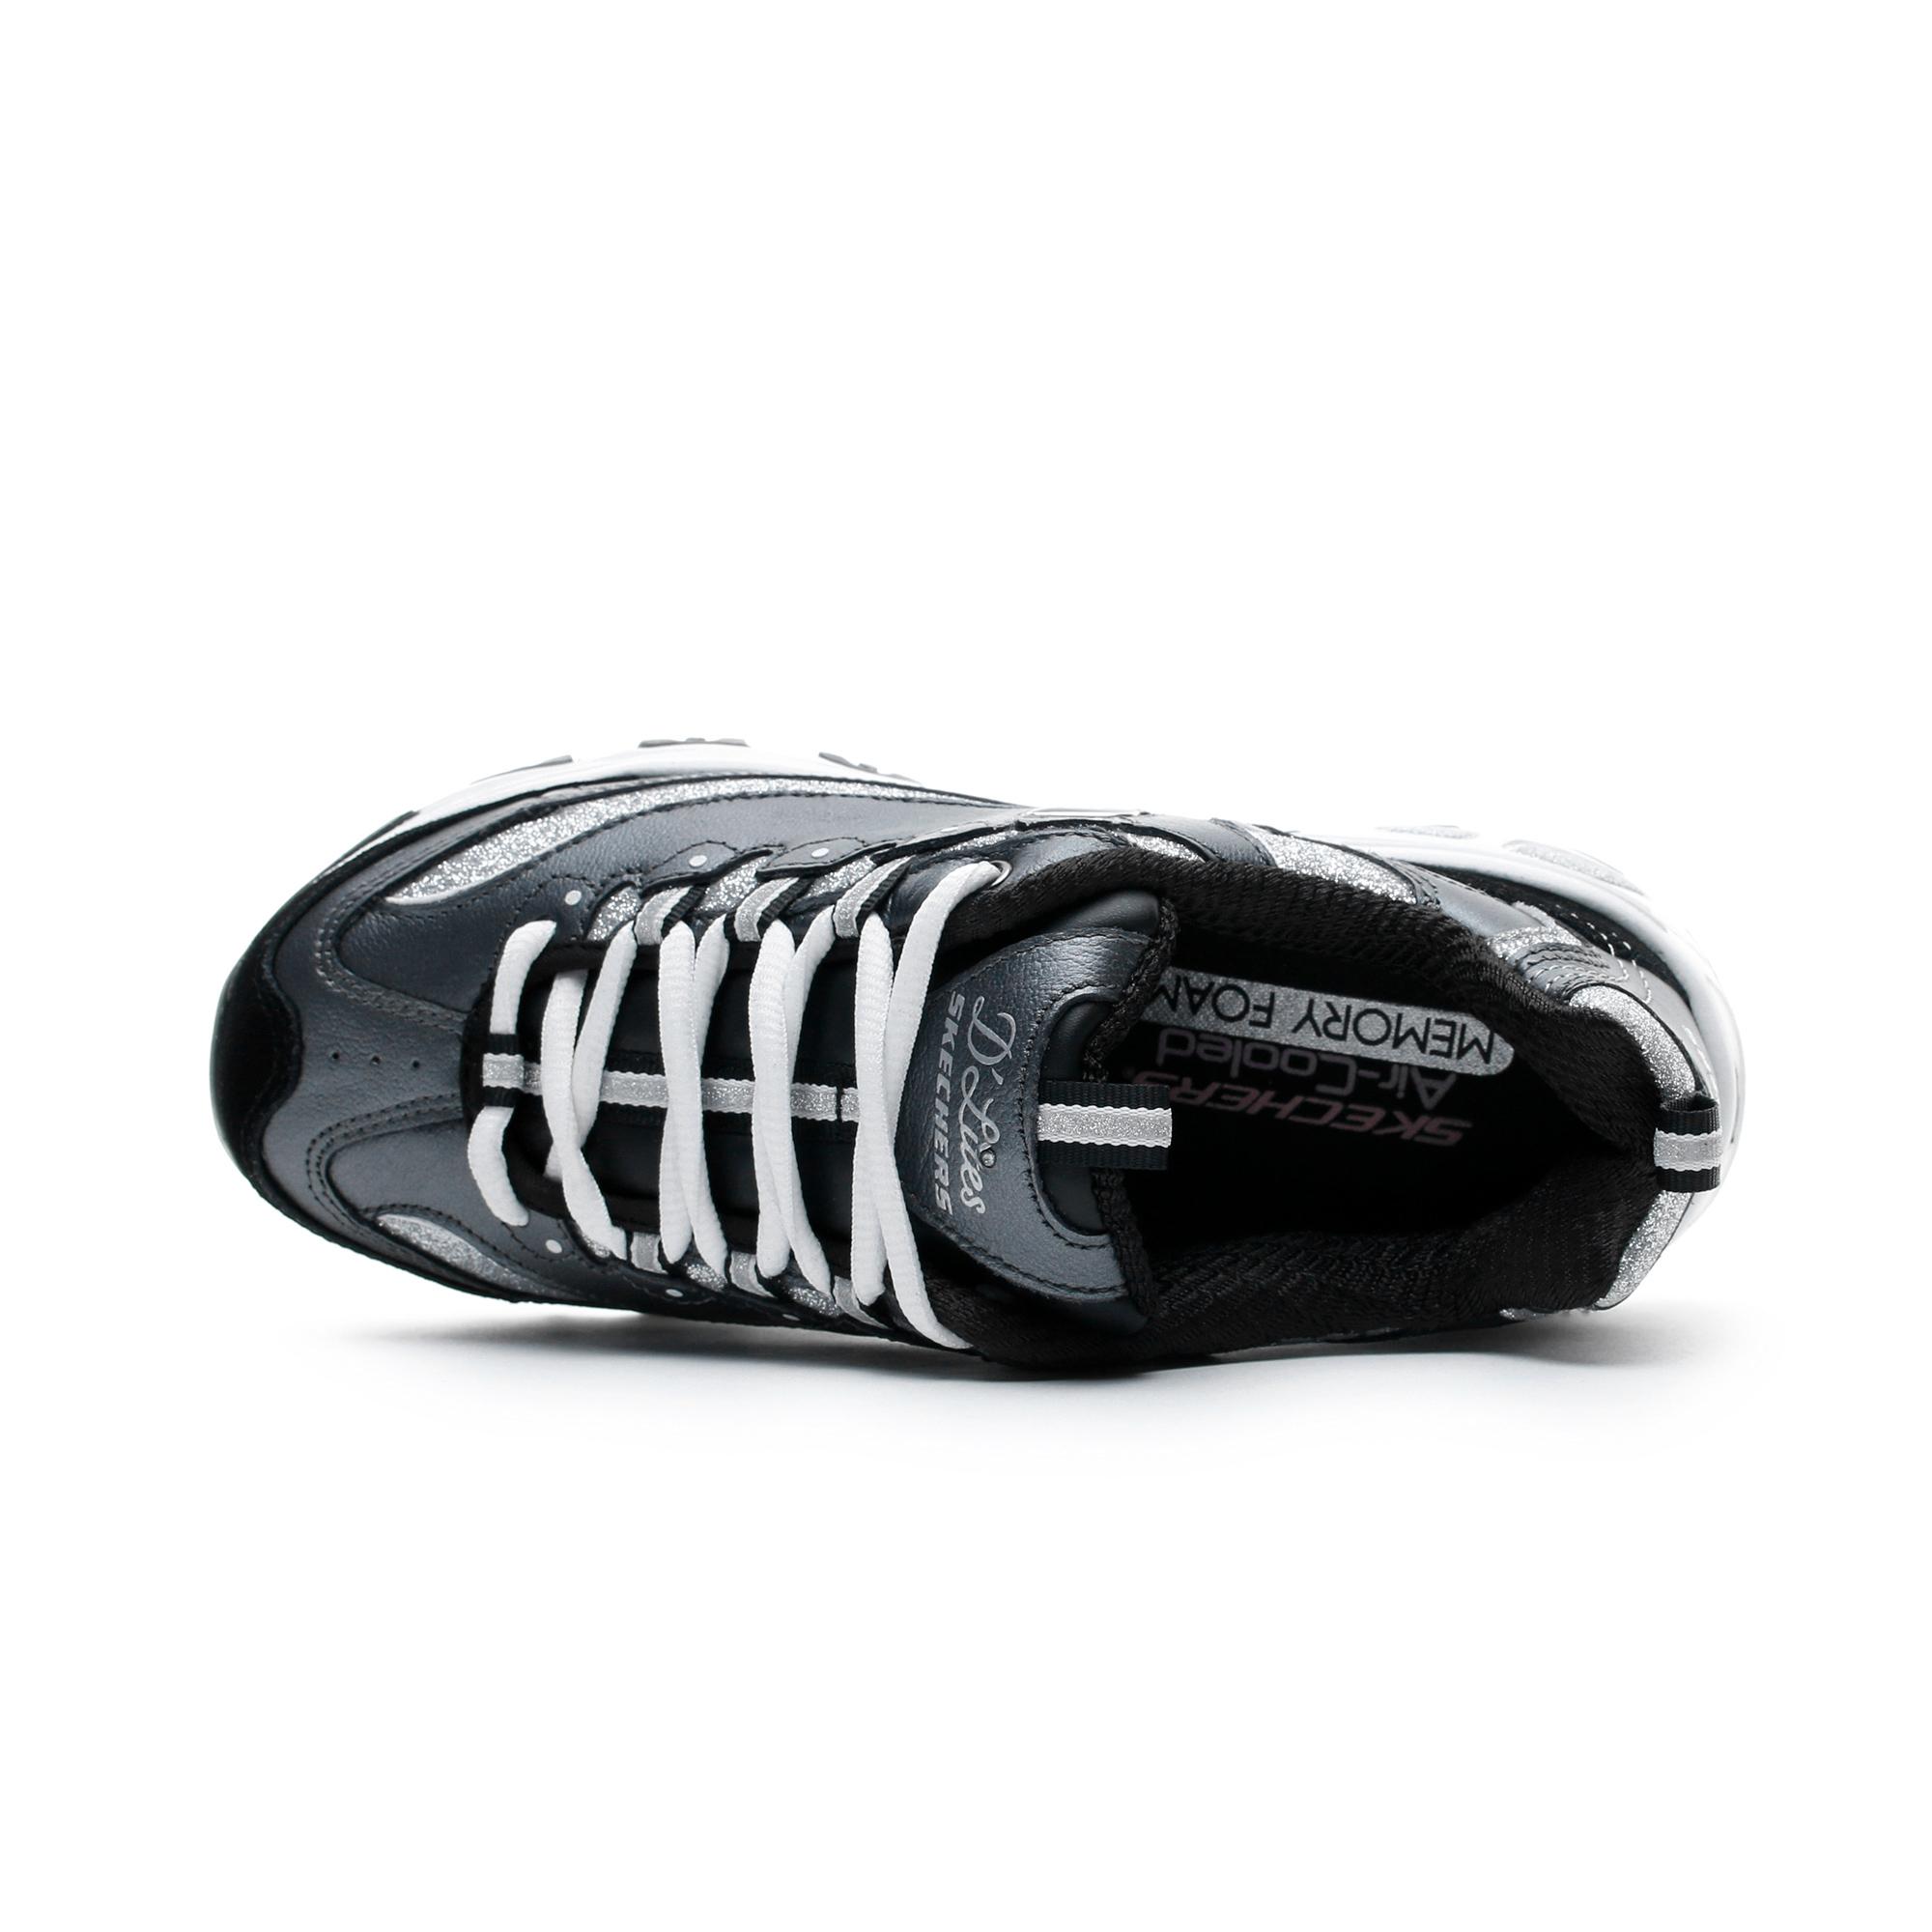 Skechers D'Lites-Glimmer Eve Gri Kadın Spor Ayakkabı